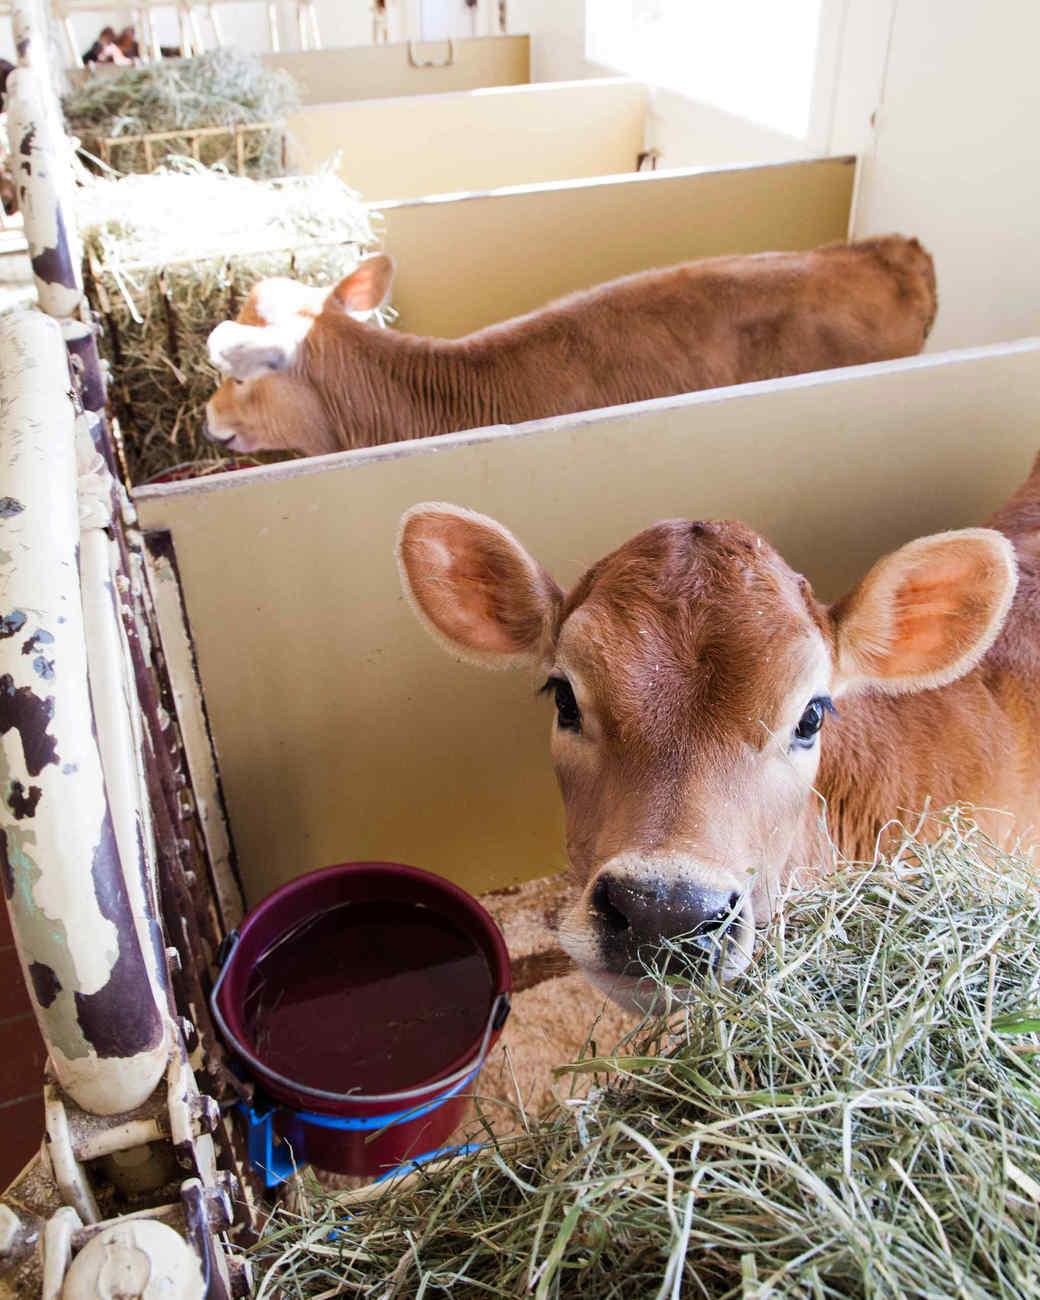 billings-farm-0611-d109181.jpg